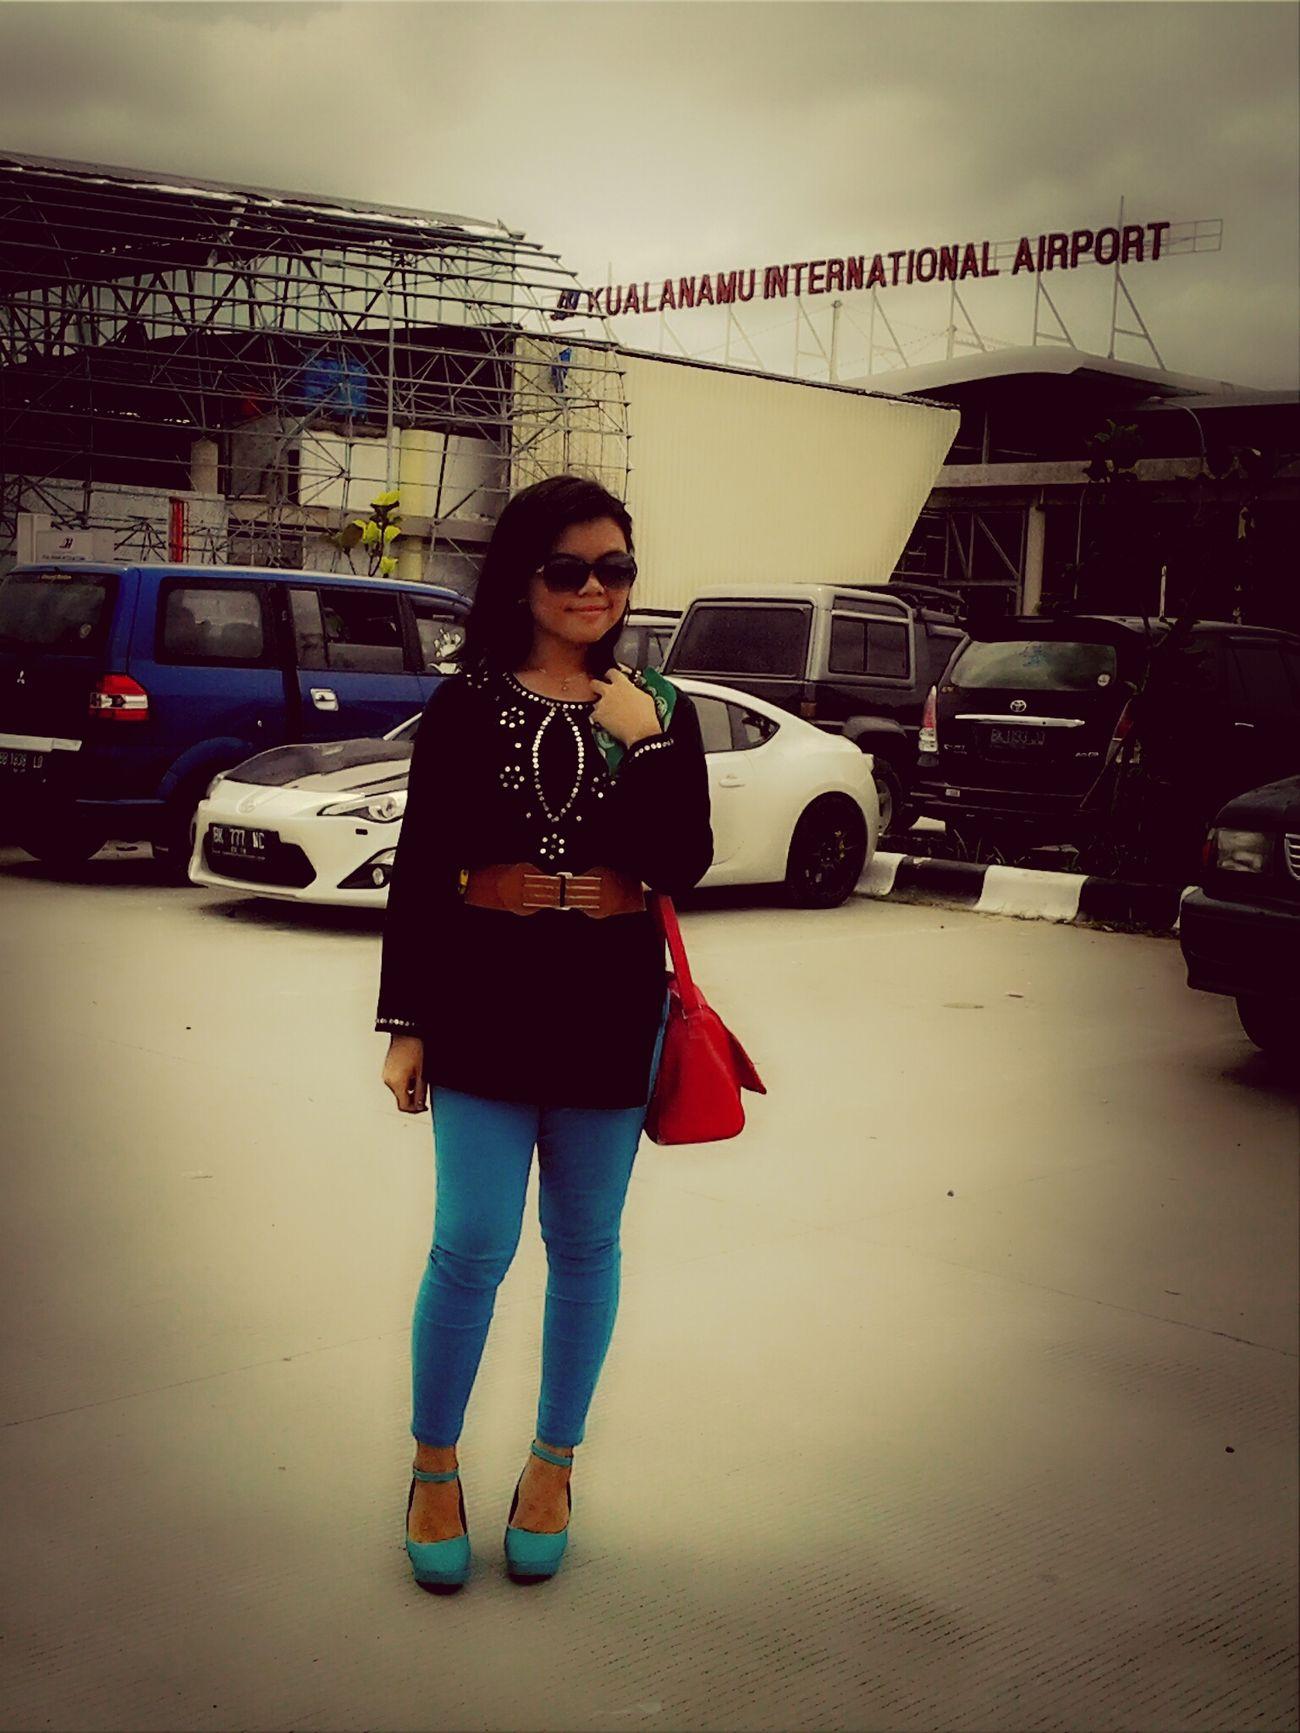 at Kualanamu International Airport Kualanamu International Airport Sunglasses